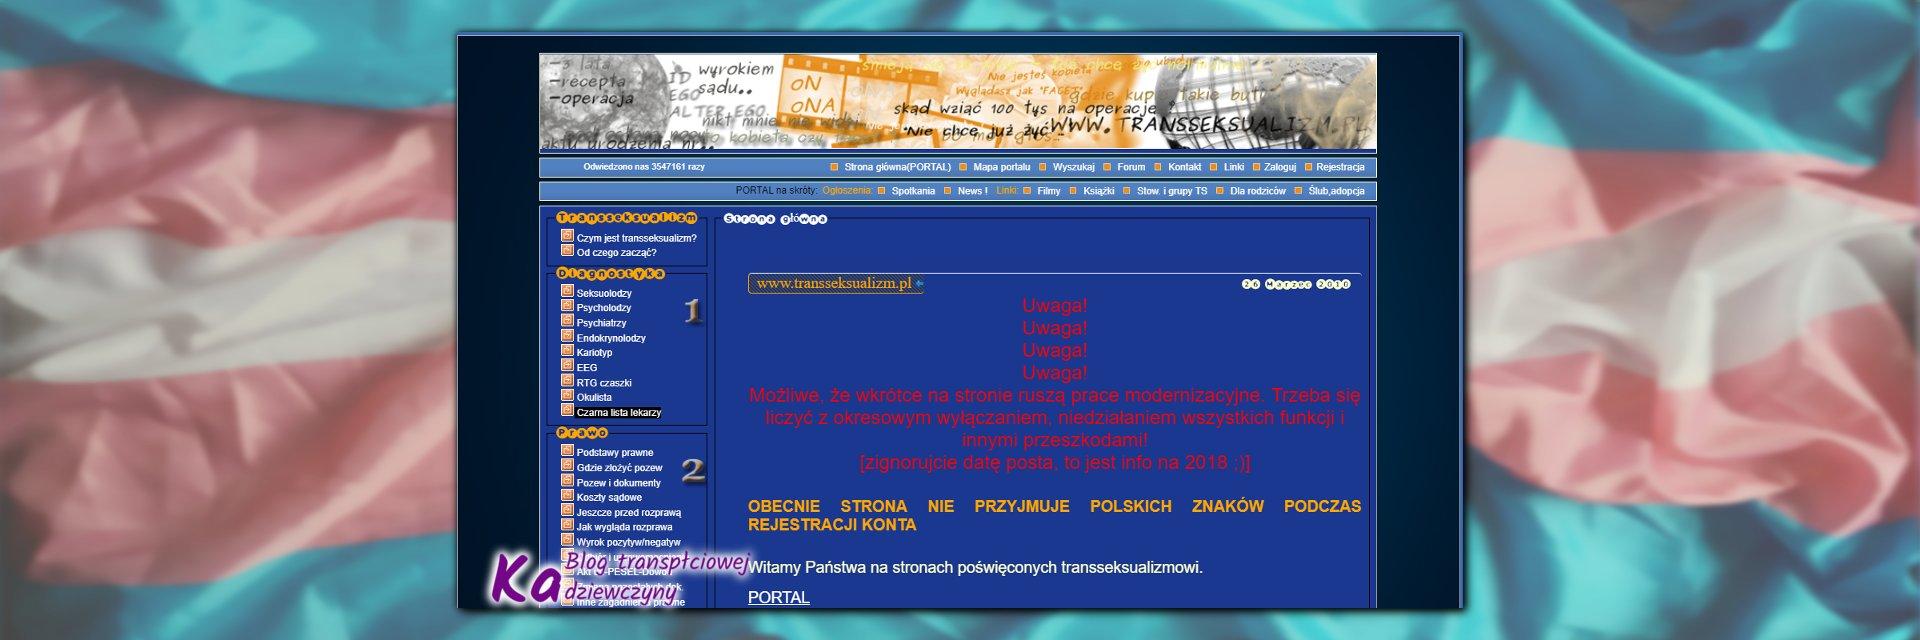 niebieskie forum, wygląd portalu